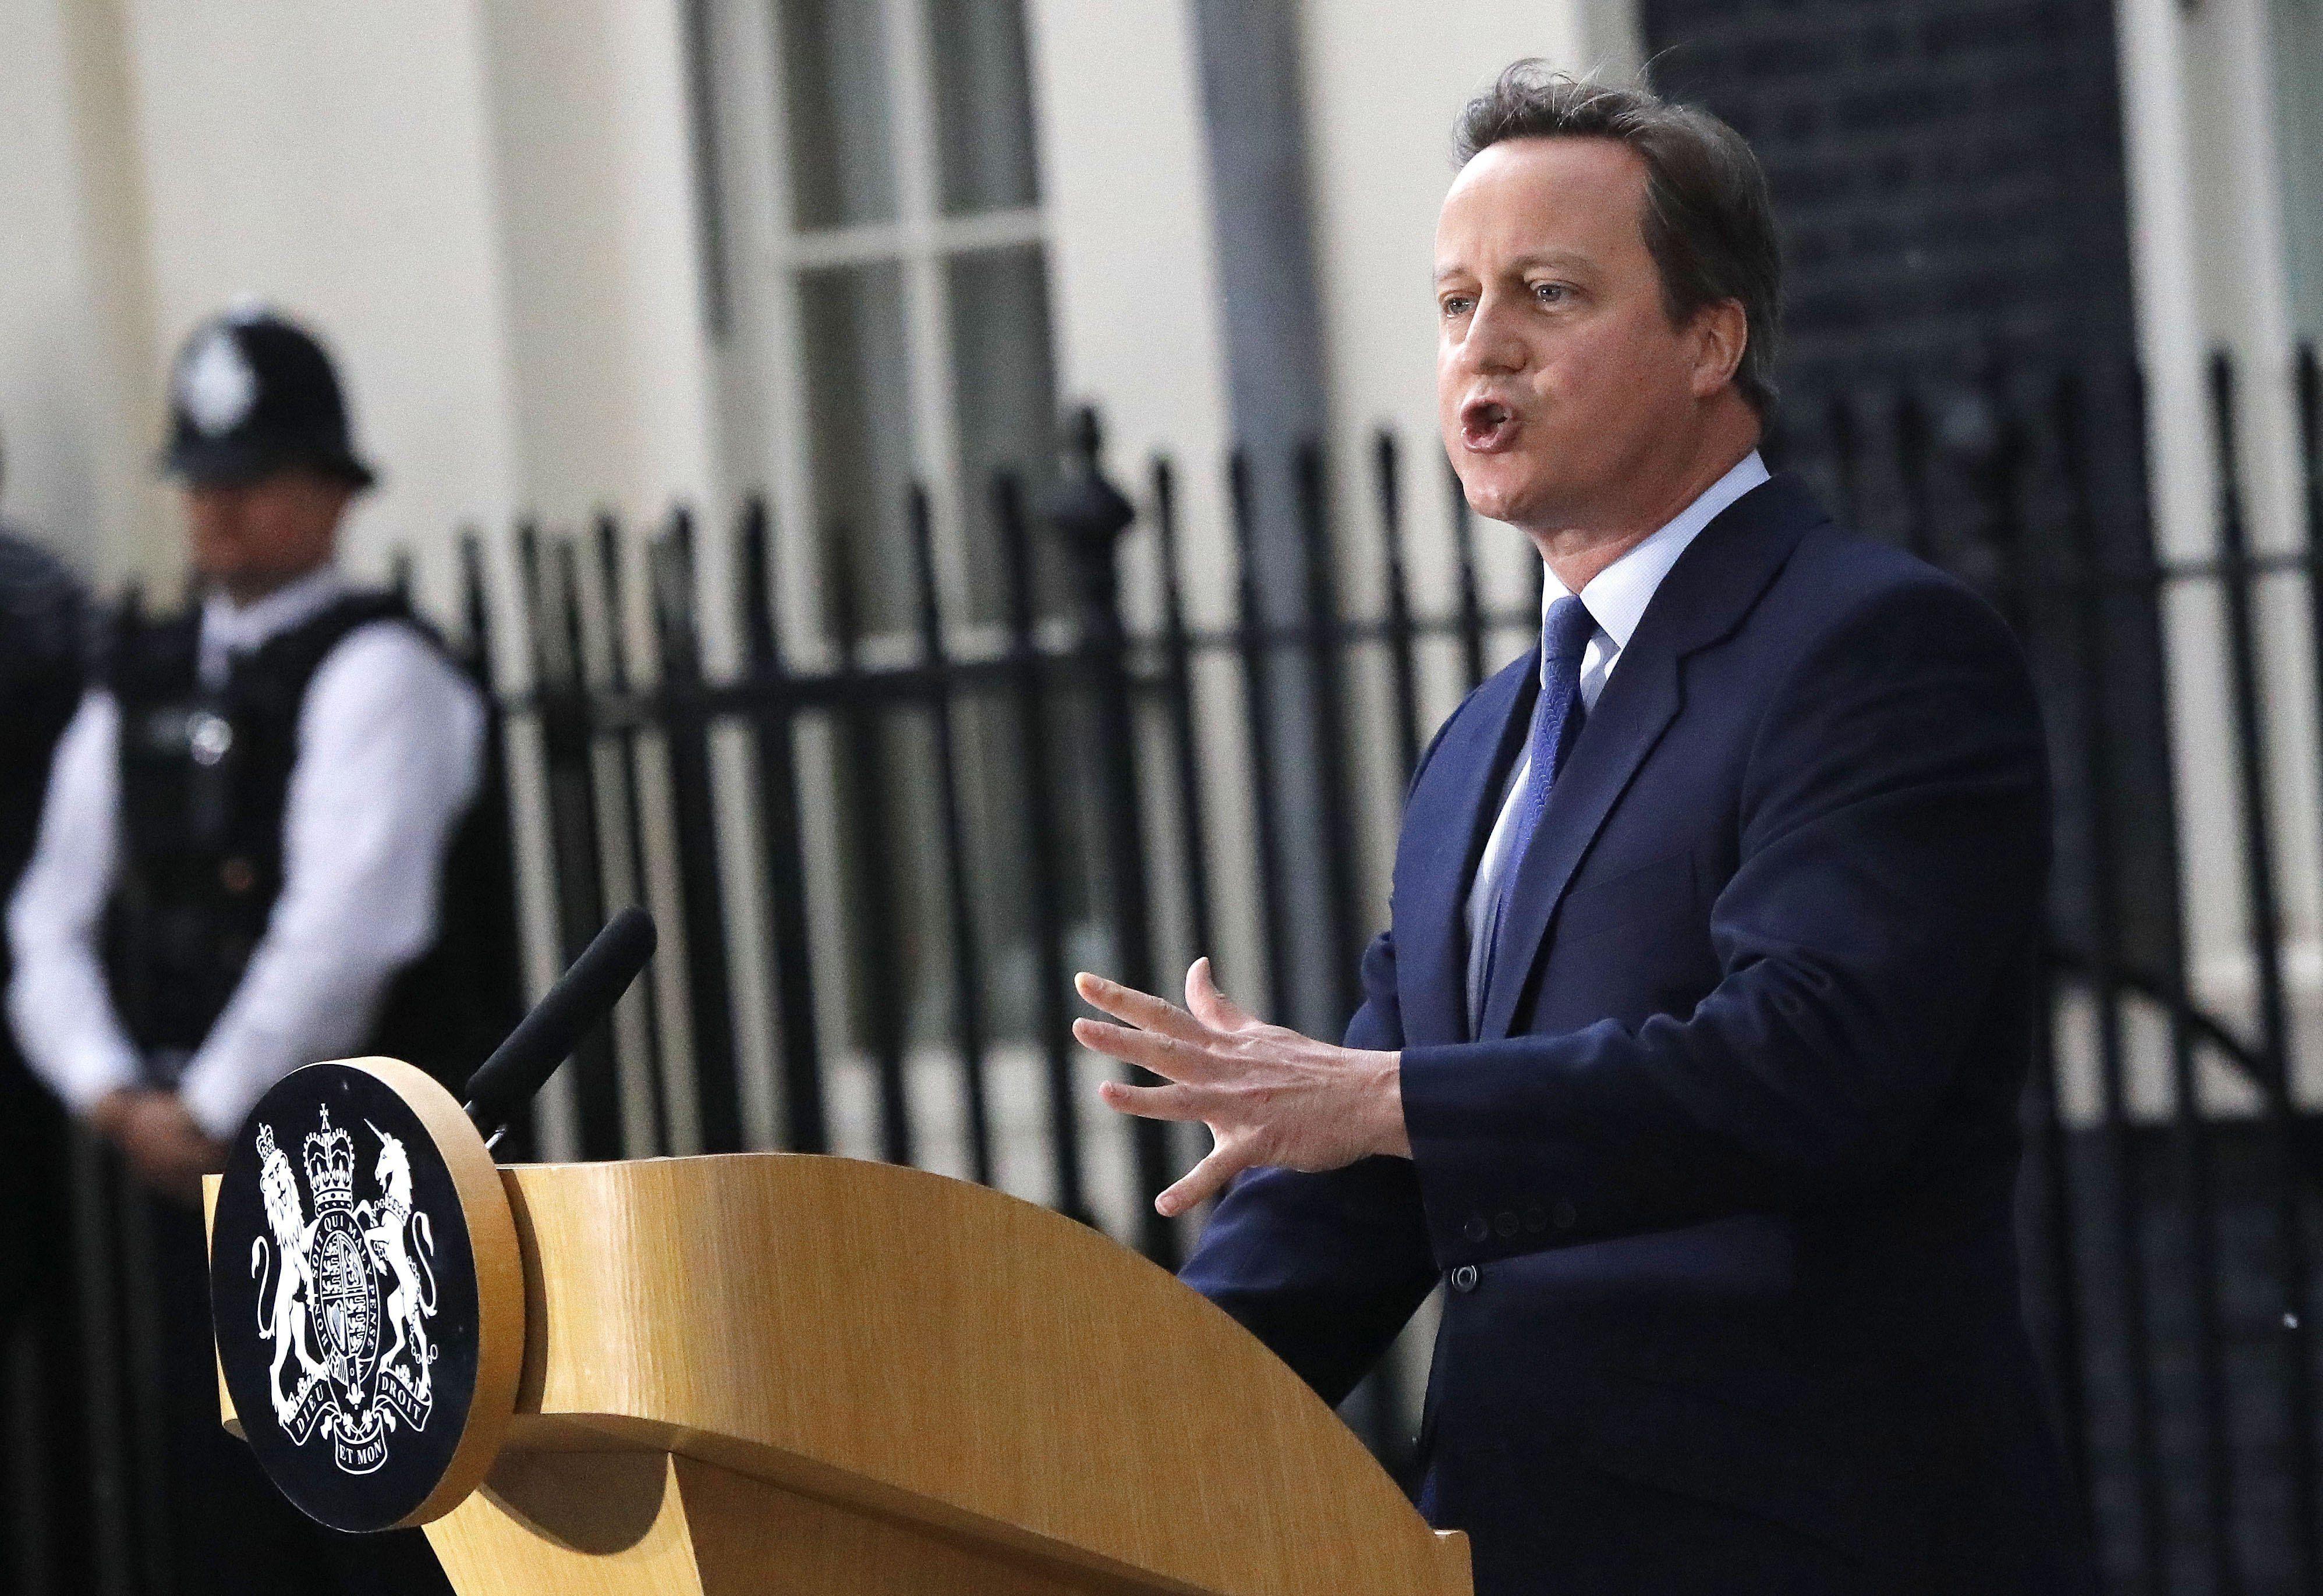 En esta foto del 13 de julio de 2016, el entonces primer ministro británico David Cameron da una conferencia de prensa afuera de sus oficinas en el número 10 de la calle Downing Street, en Londres, después de renunciar al cargo. Foto de AP.